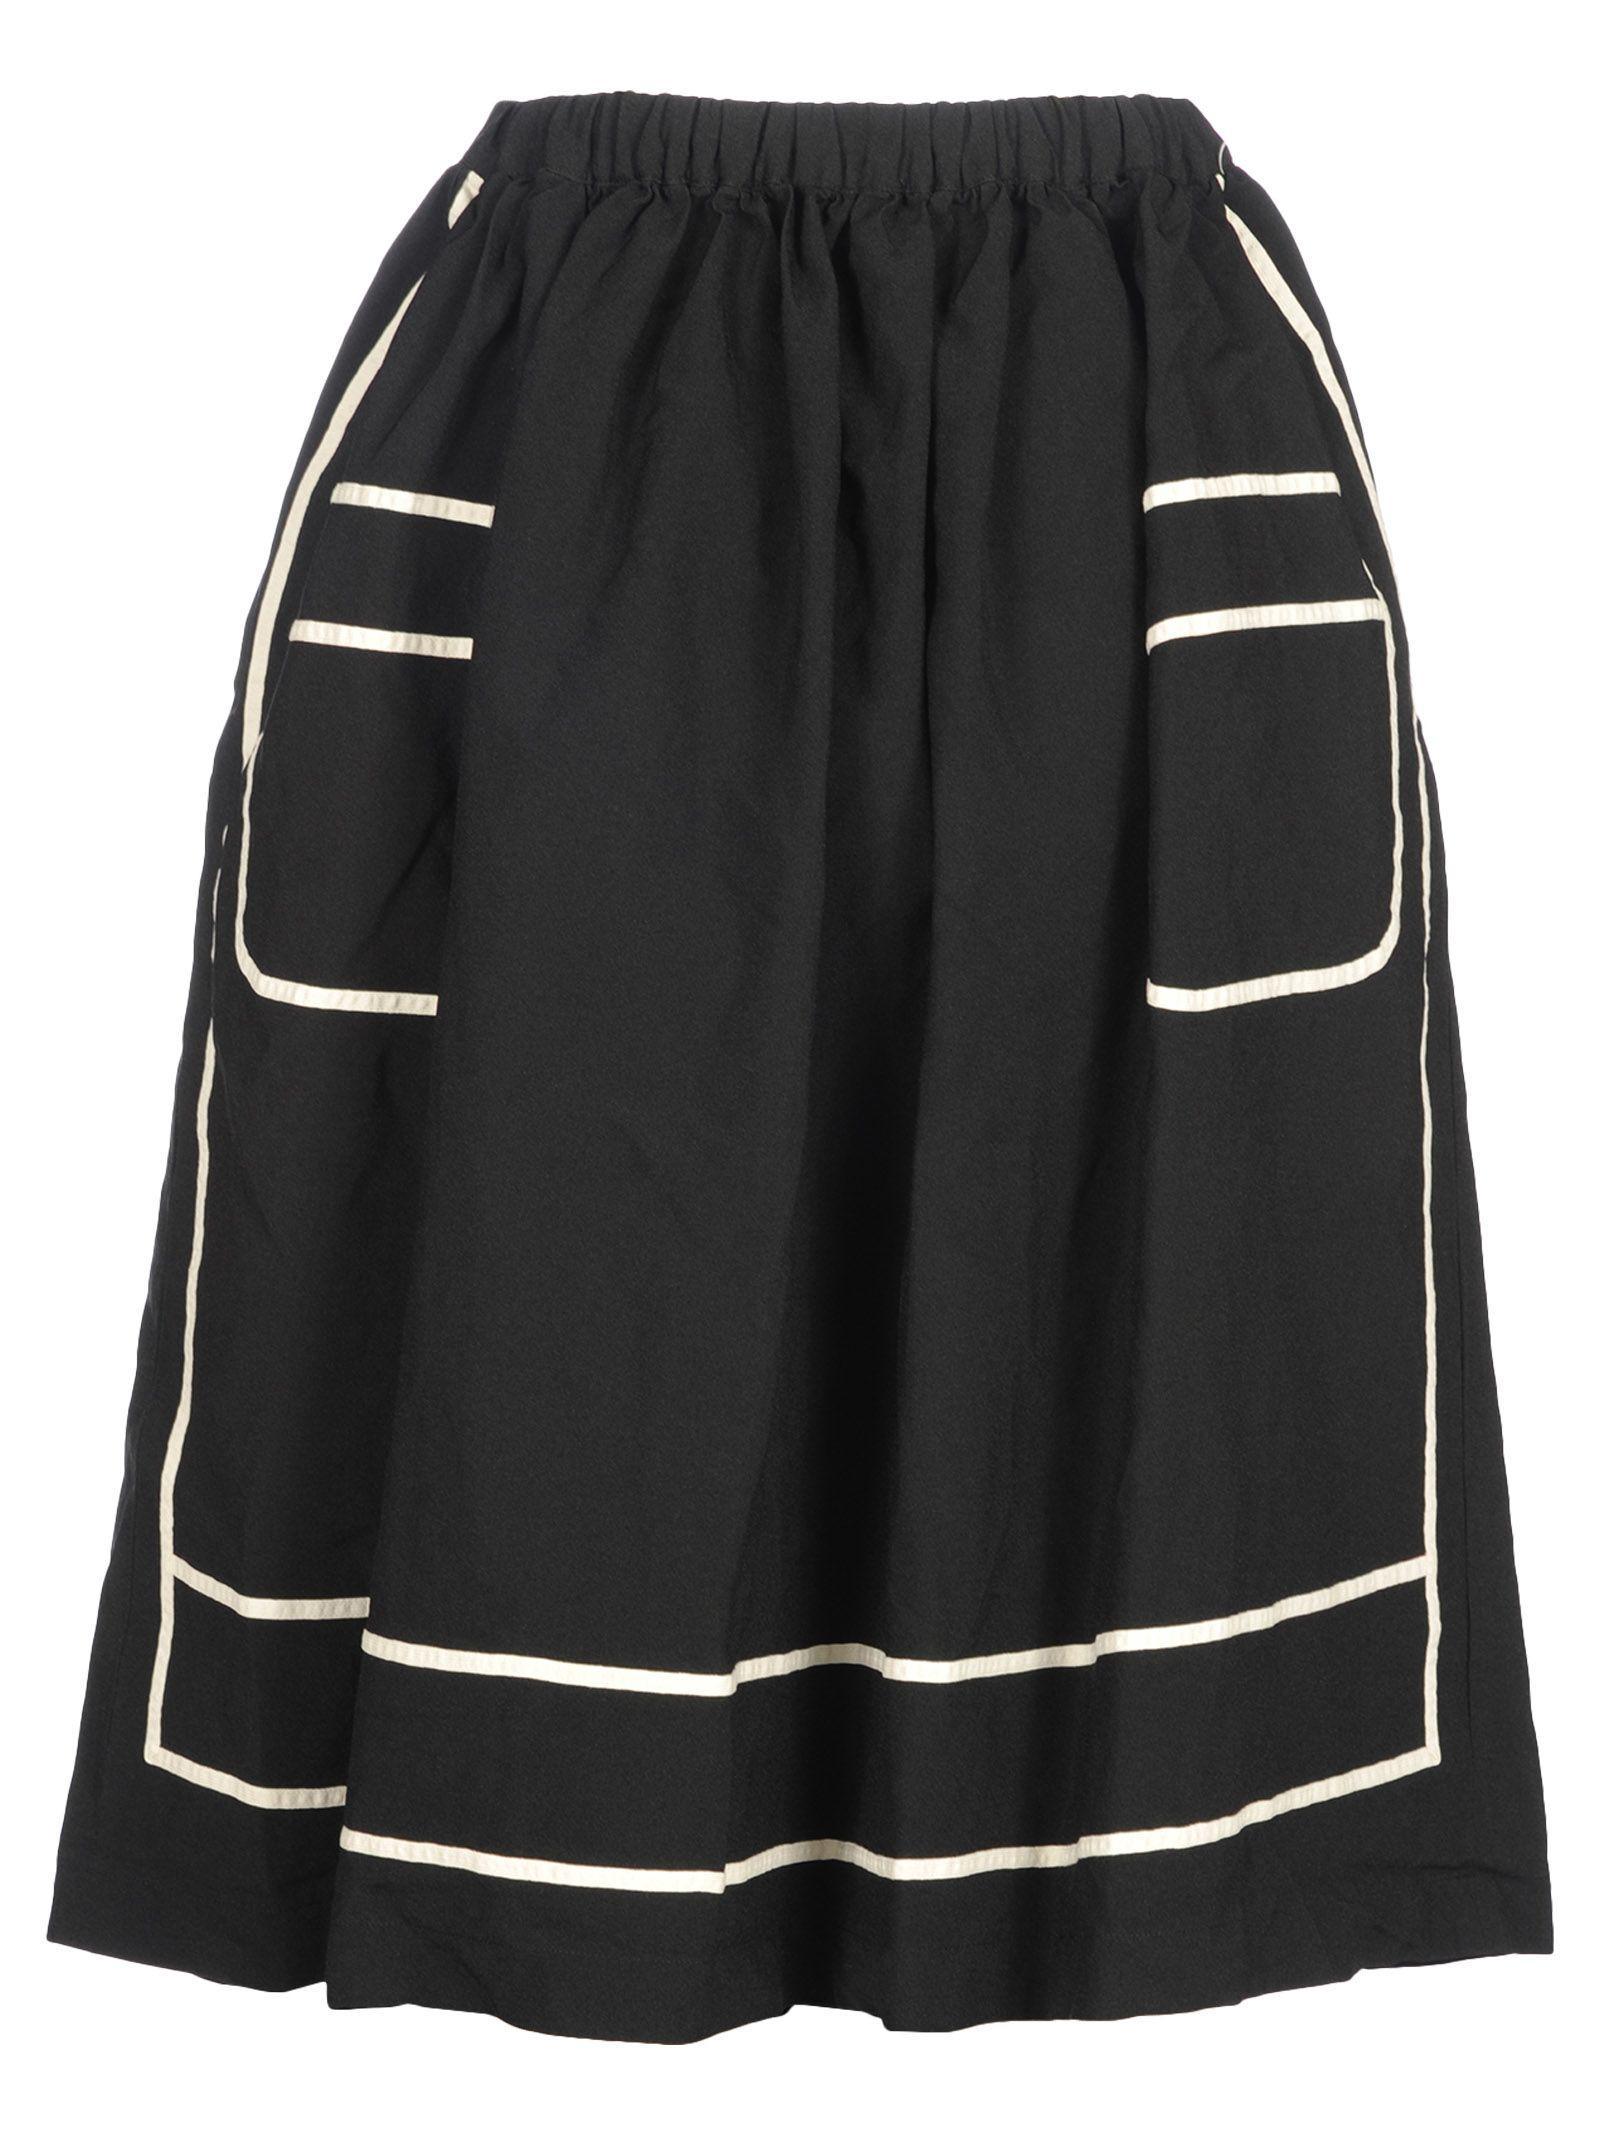 Comme Des GarÇons Comme Des GarÇons Skirt Contrast In Black